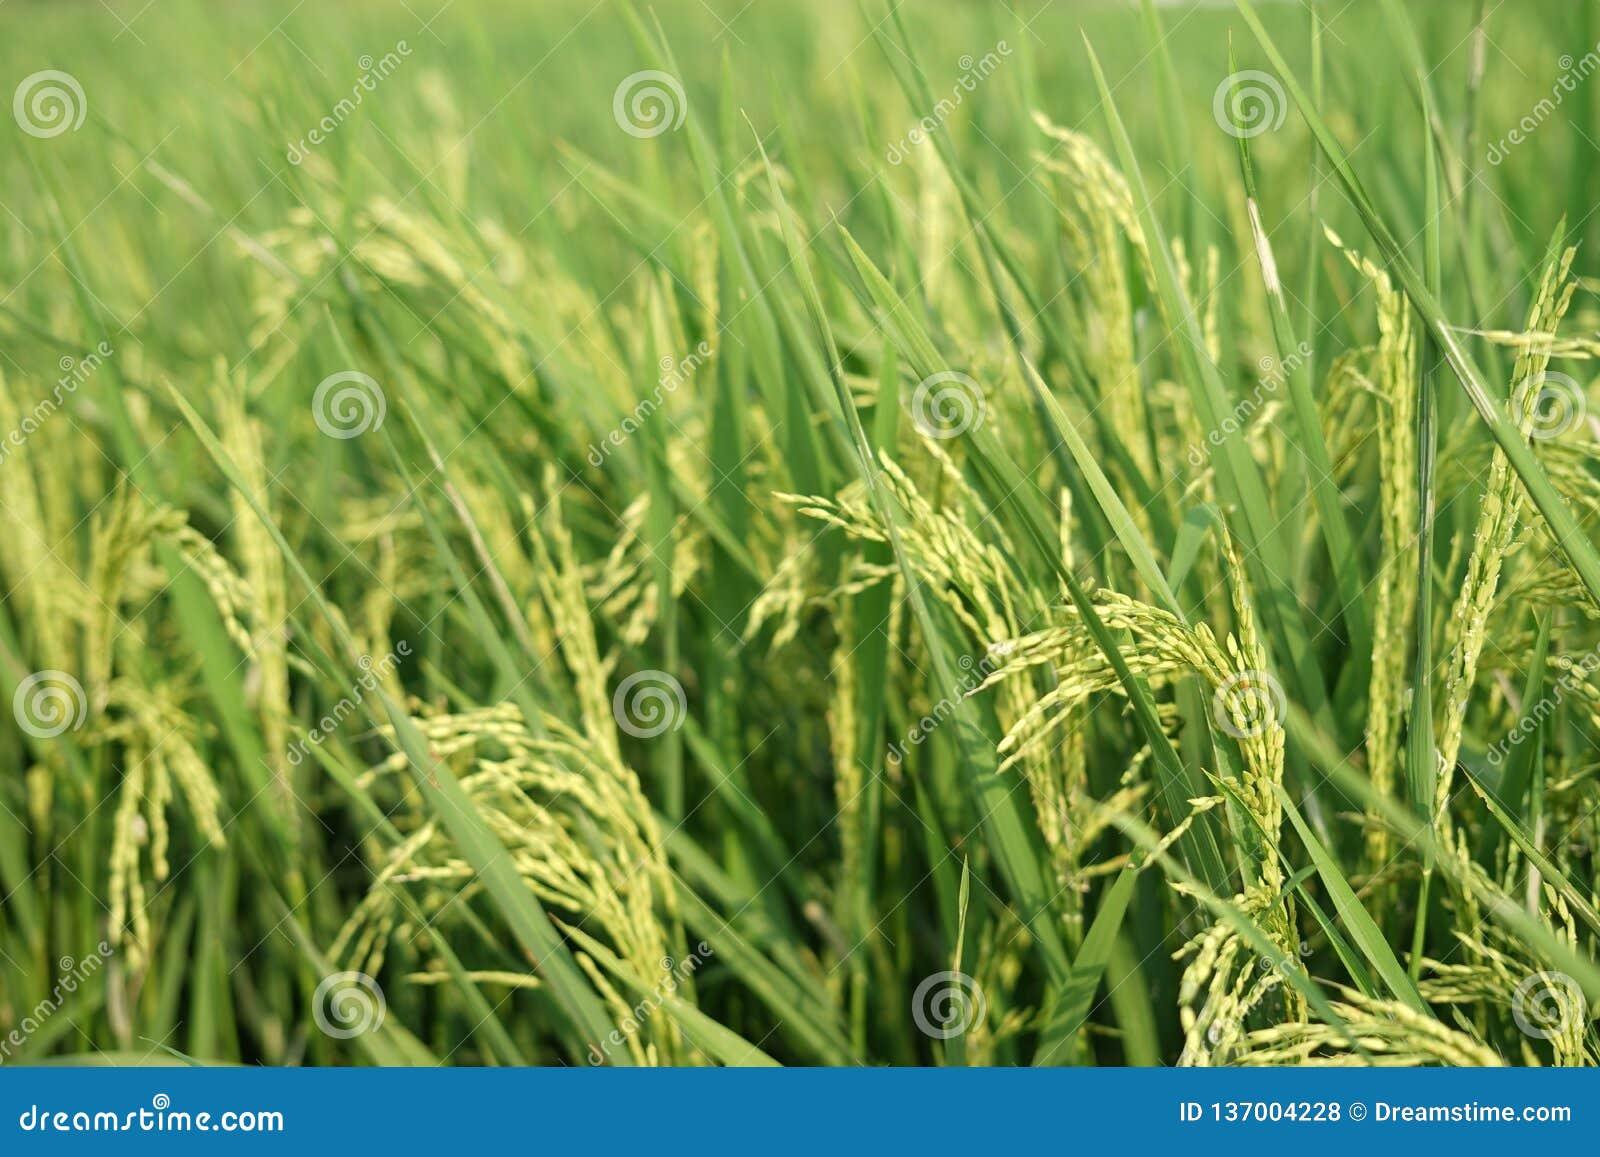 Желтея рис в полях